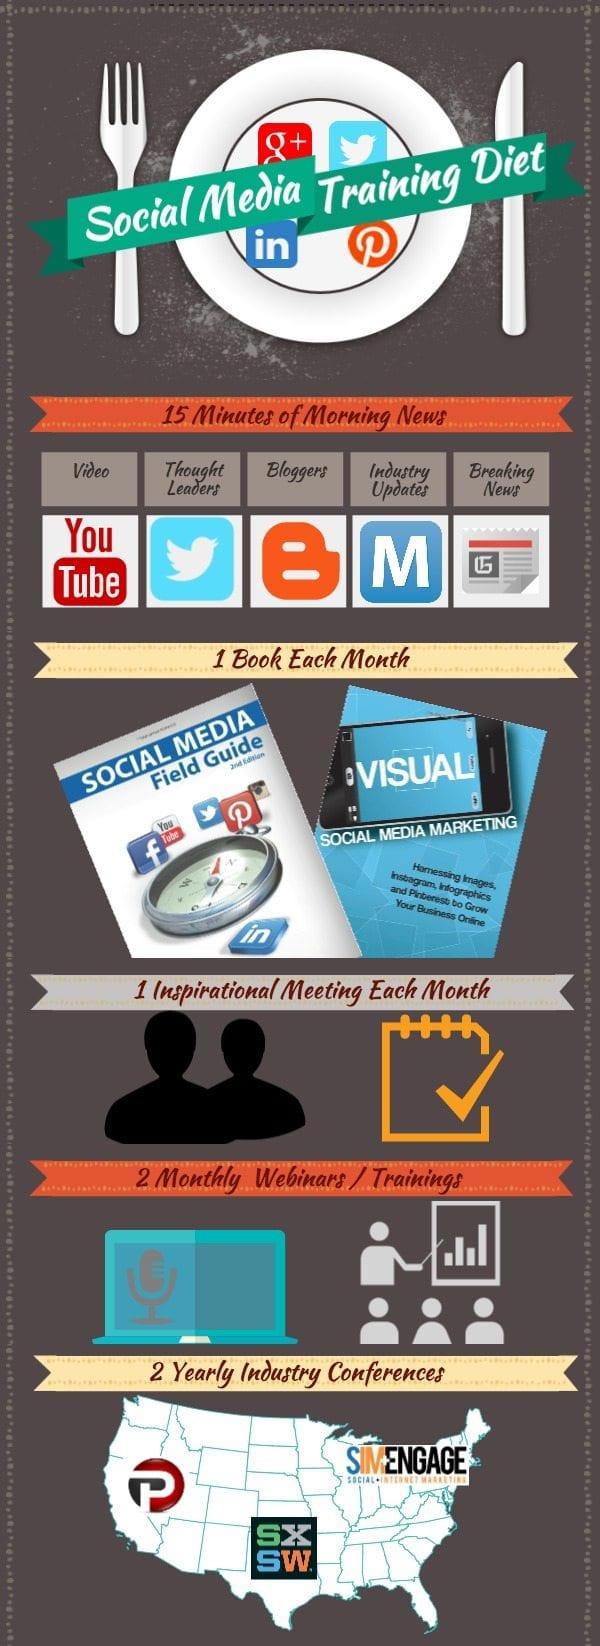 Social Media Training Diet